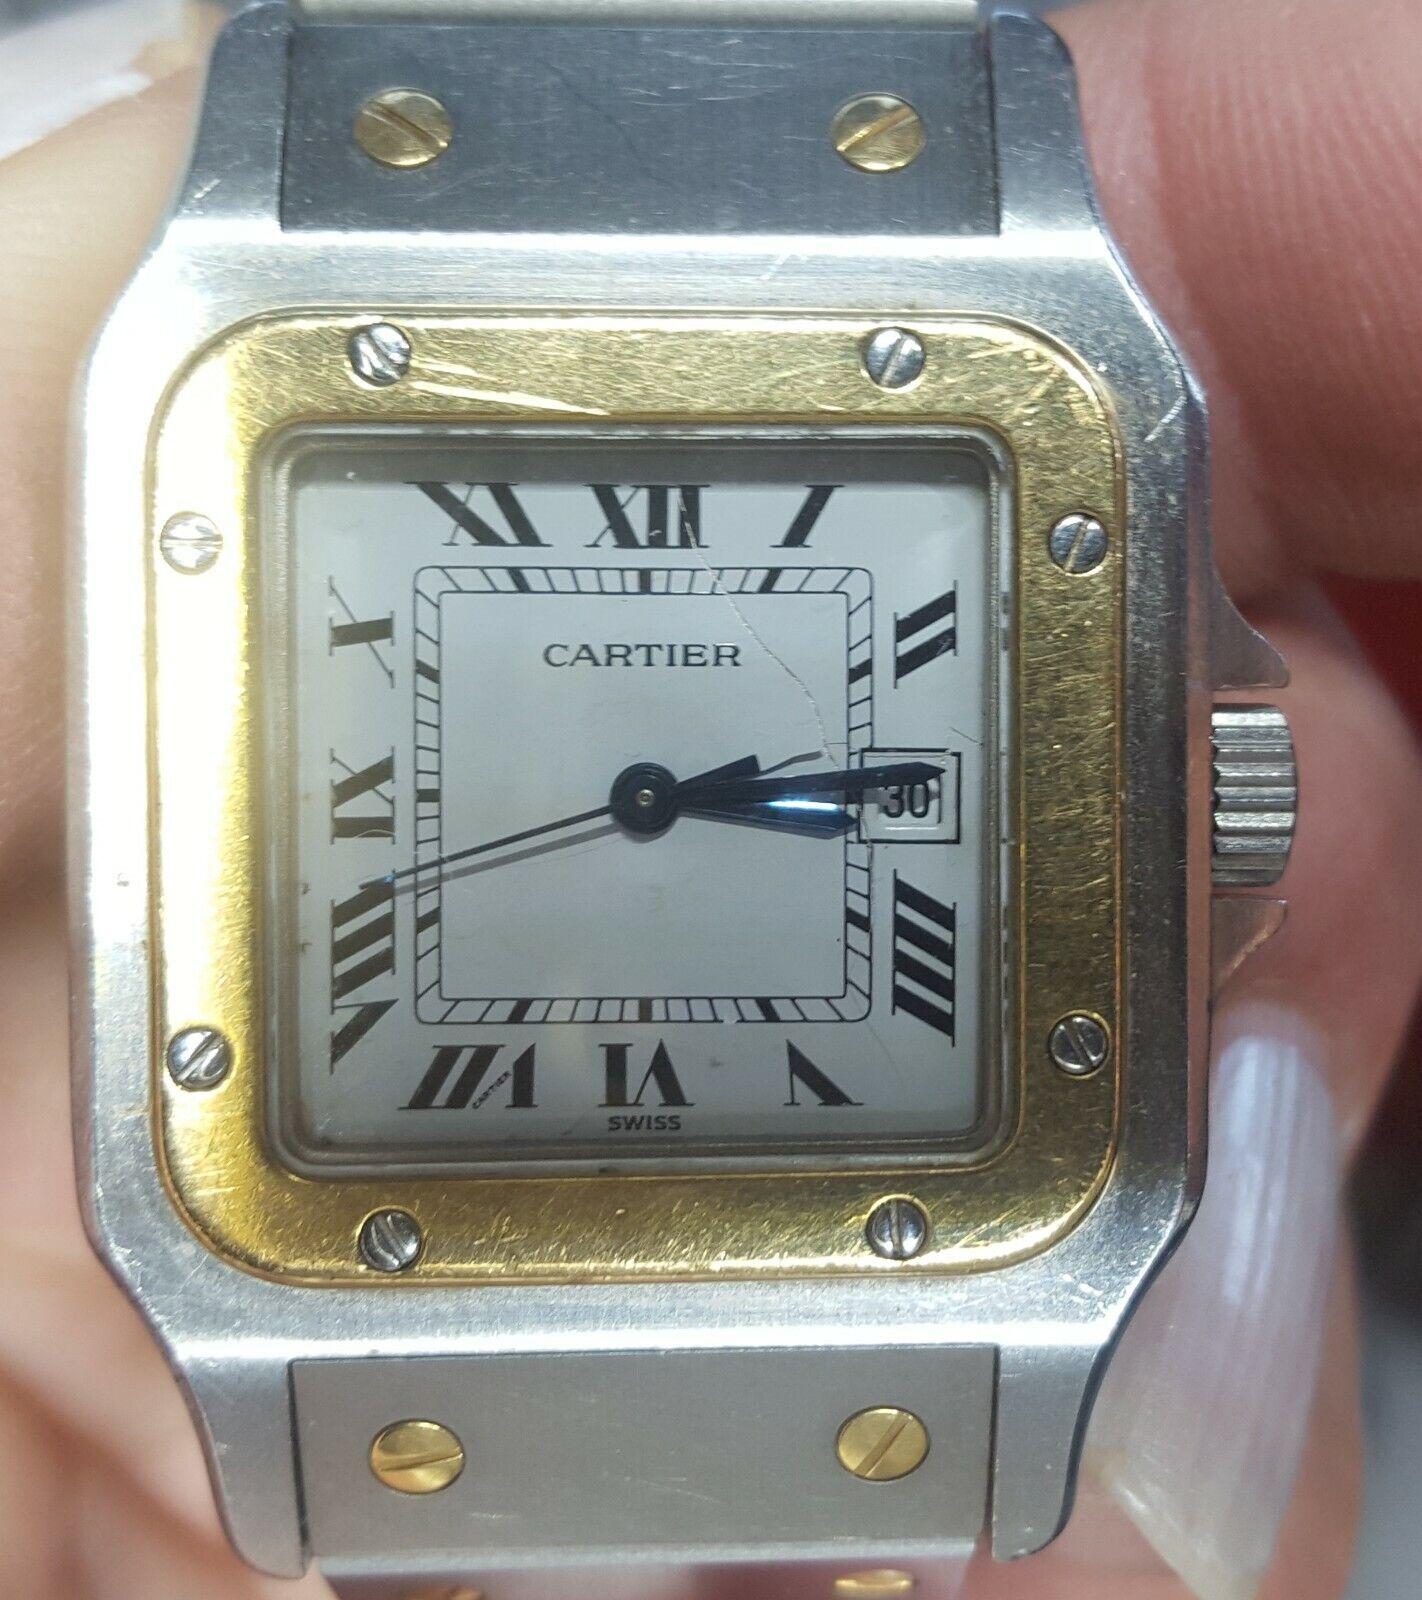 Santos de Cartier Automatik Damenuhr Datum Edelstahl/Gold gebraucht OR ET ACIER